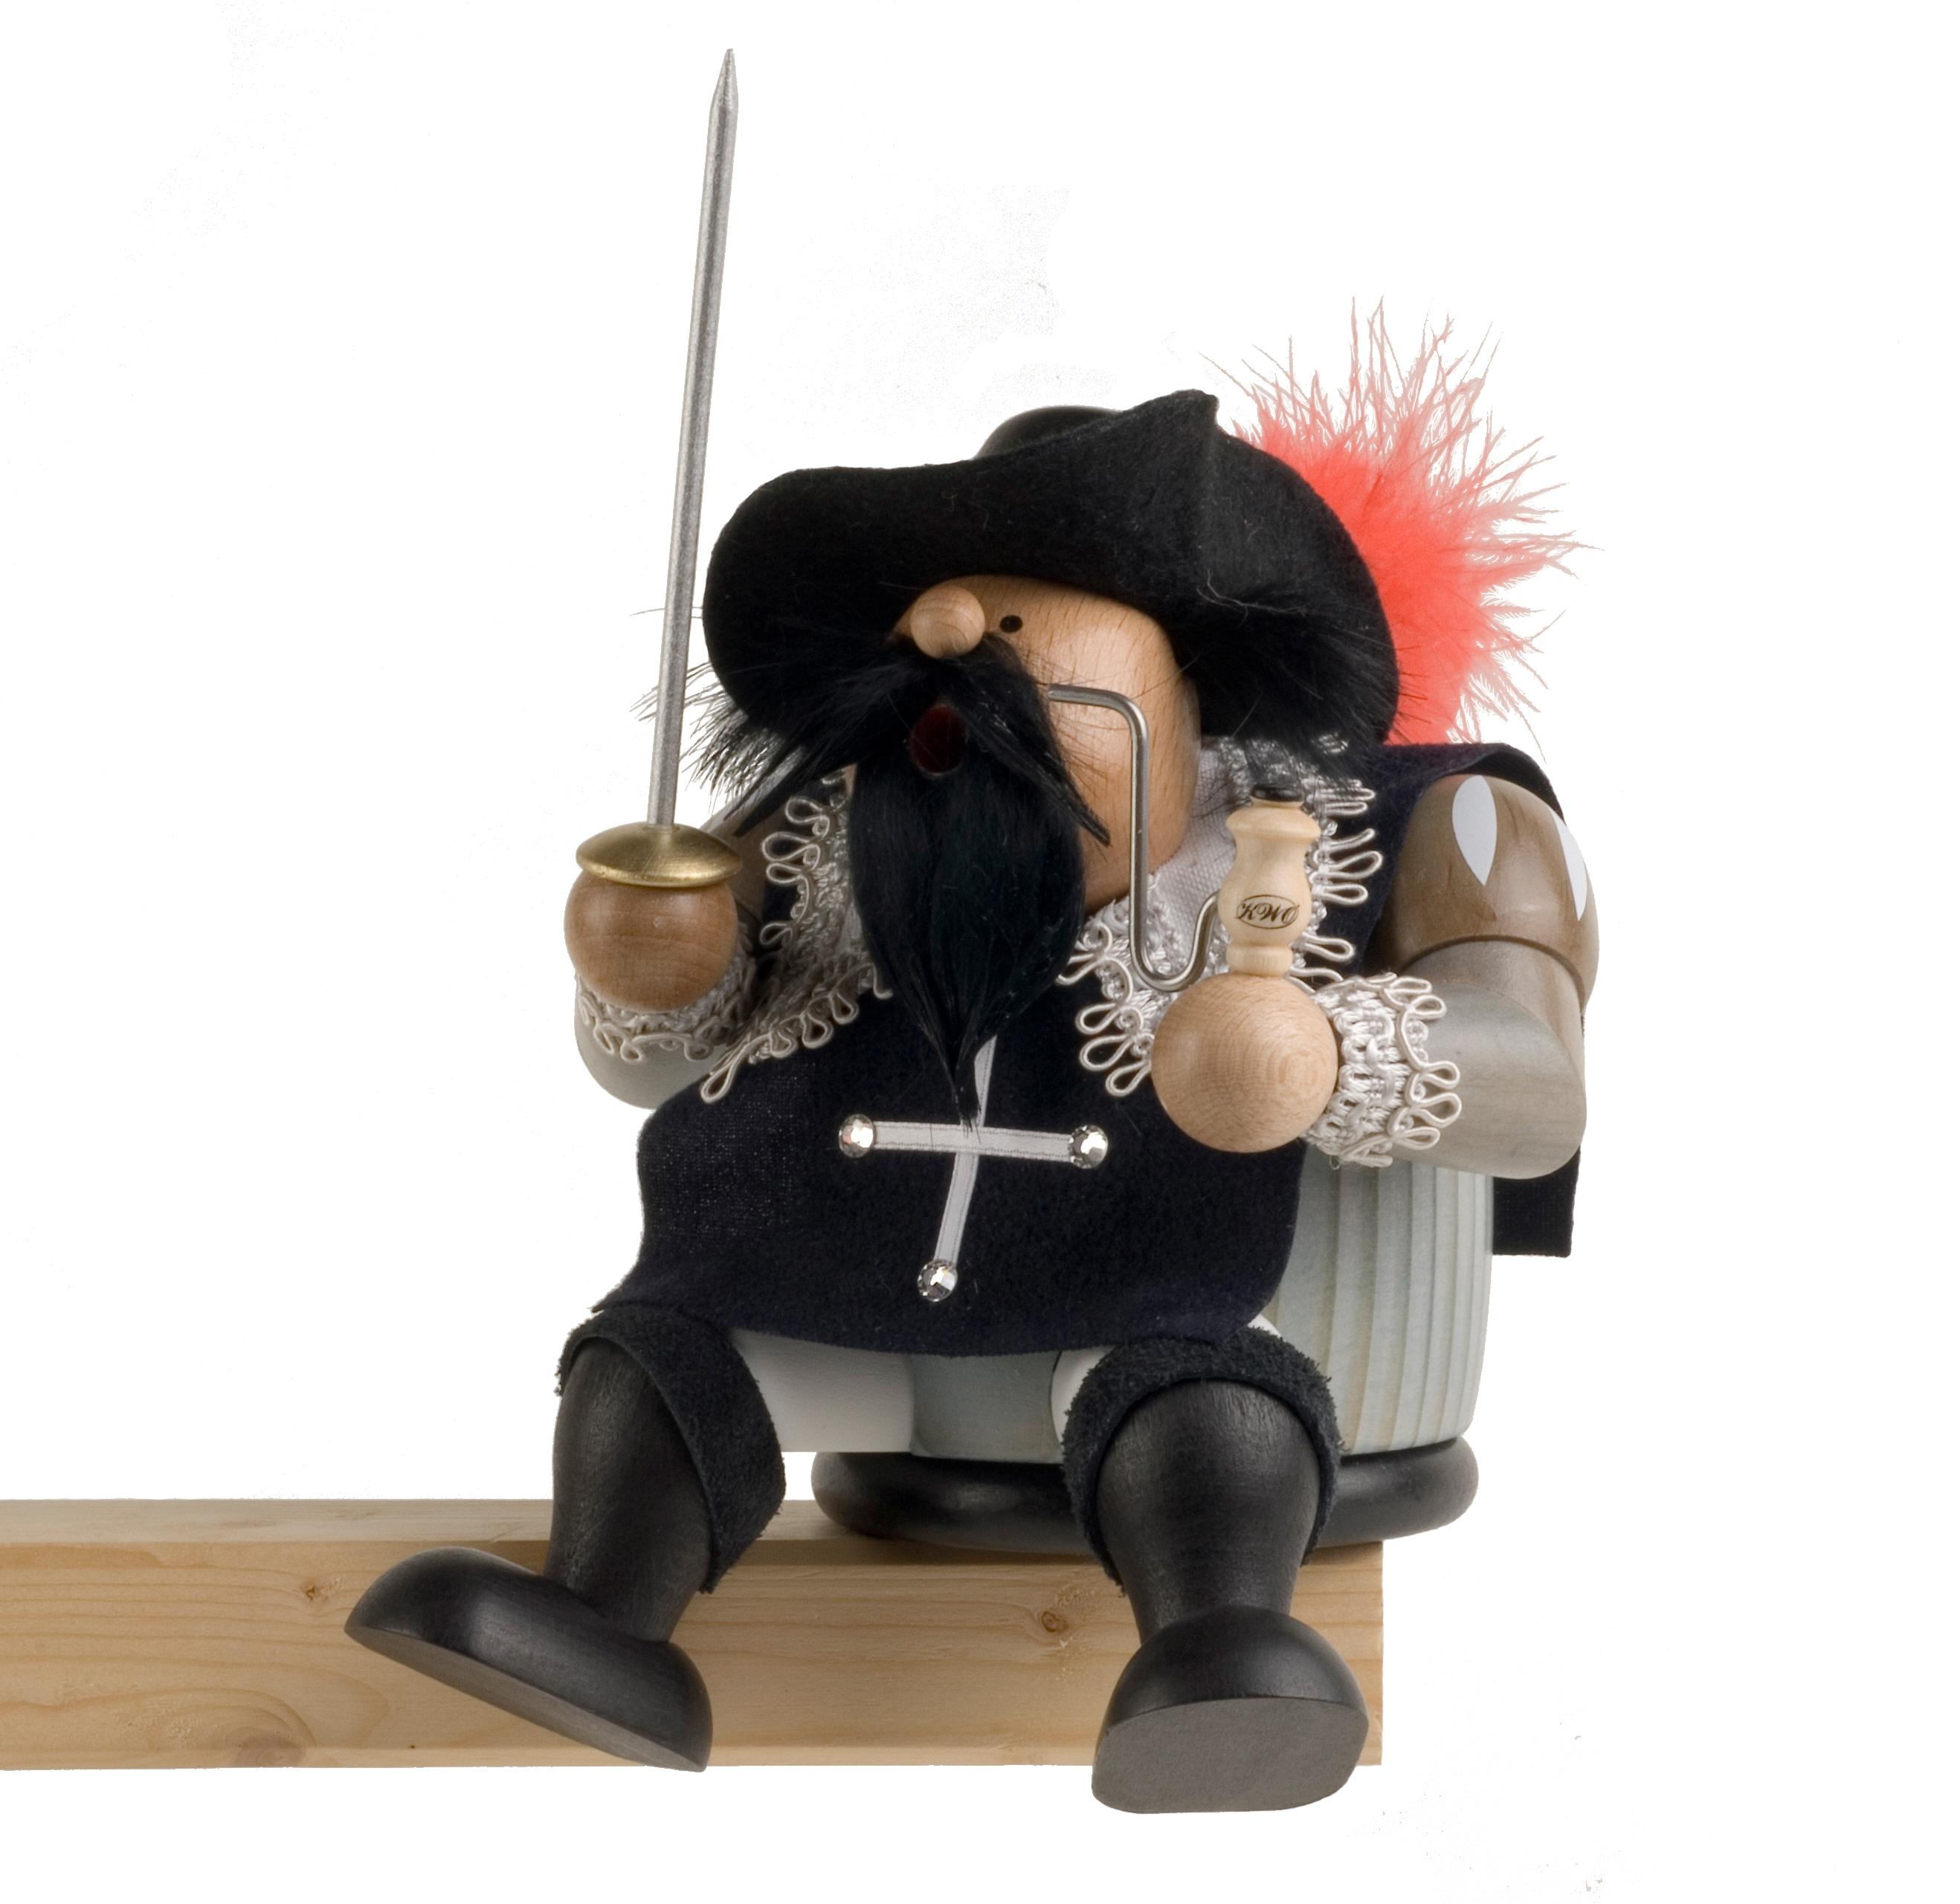 Räuchermännchen Kantenhocker Musketier Athos, limitiert